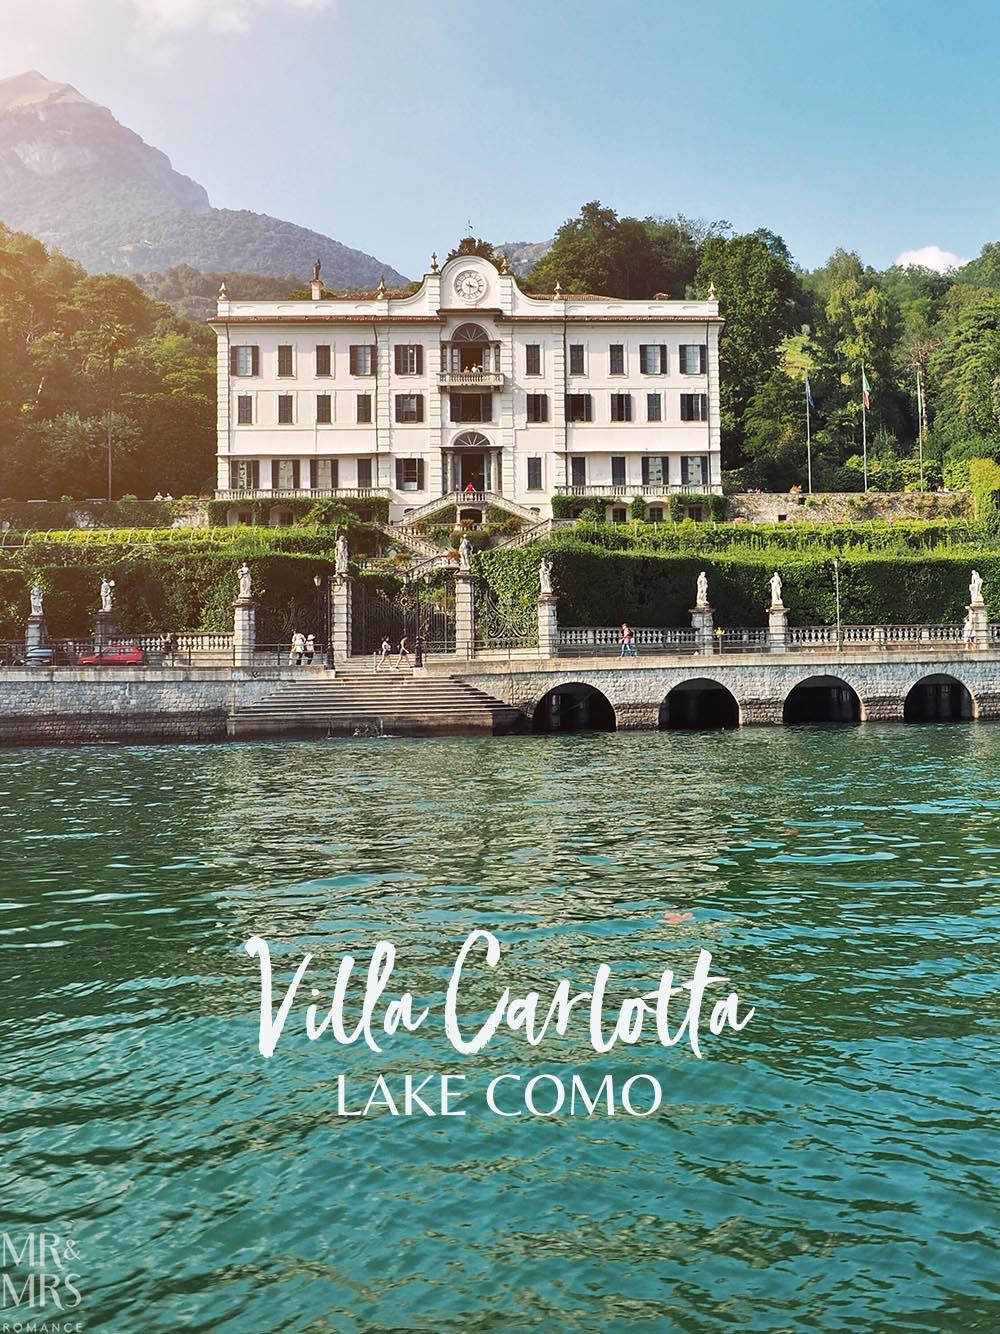 Lake Como private boat tour - Villa Carlotta